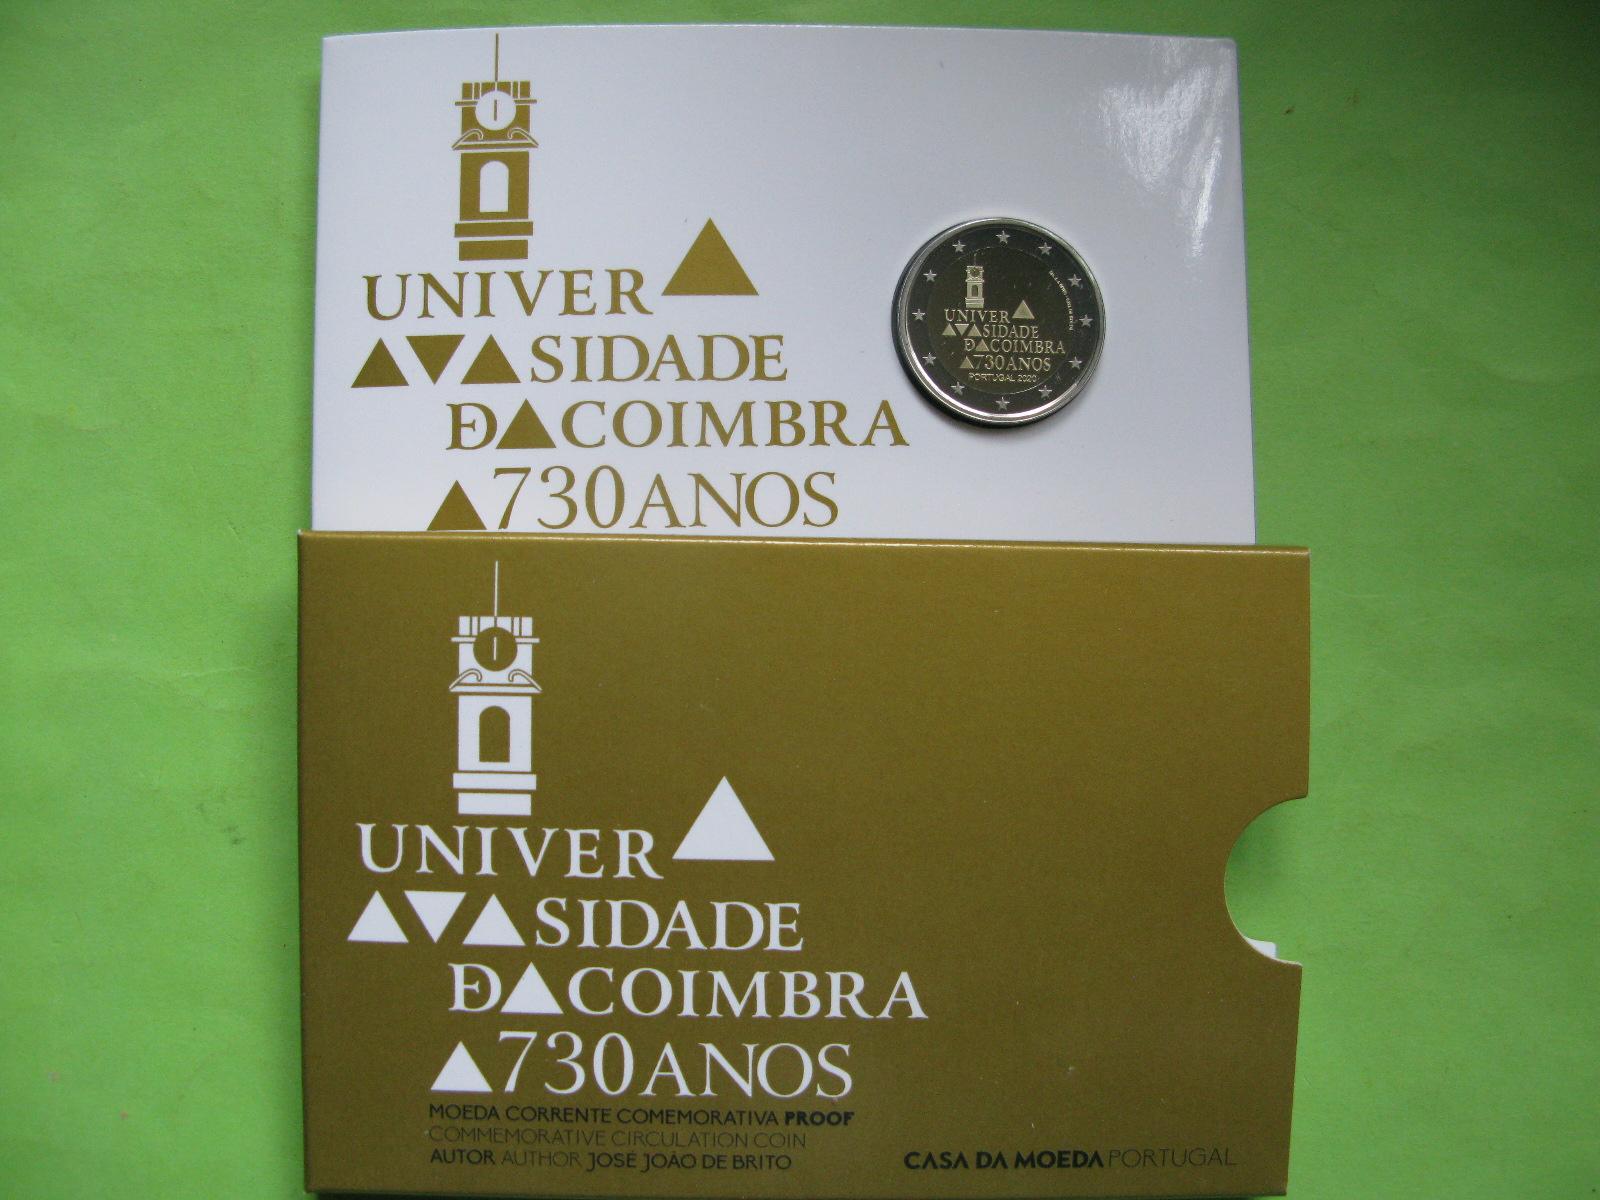 Португалия 2 евро 2020 г. 730-летие университета Коимбры (пруф)